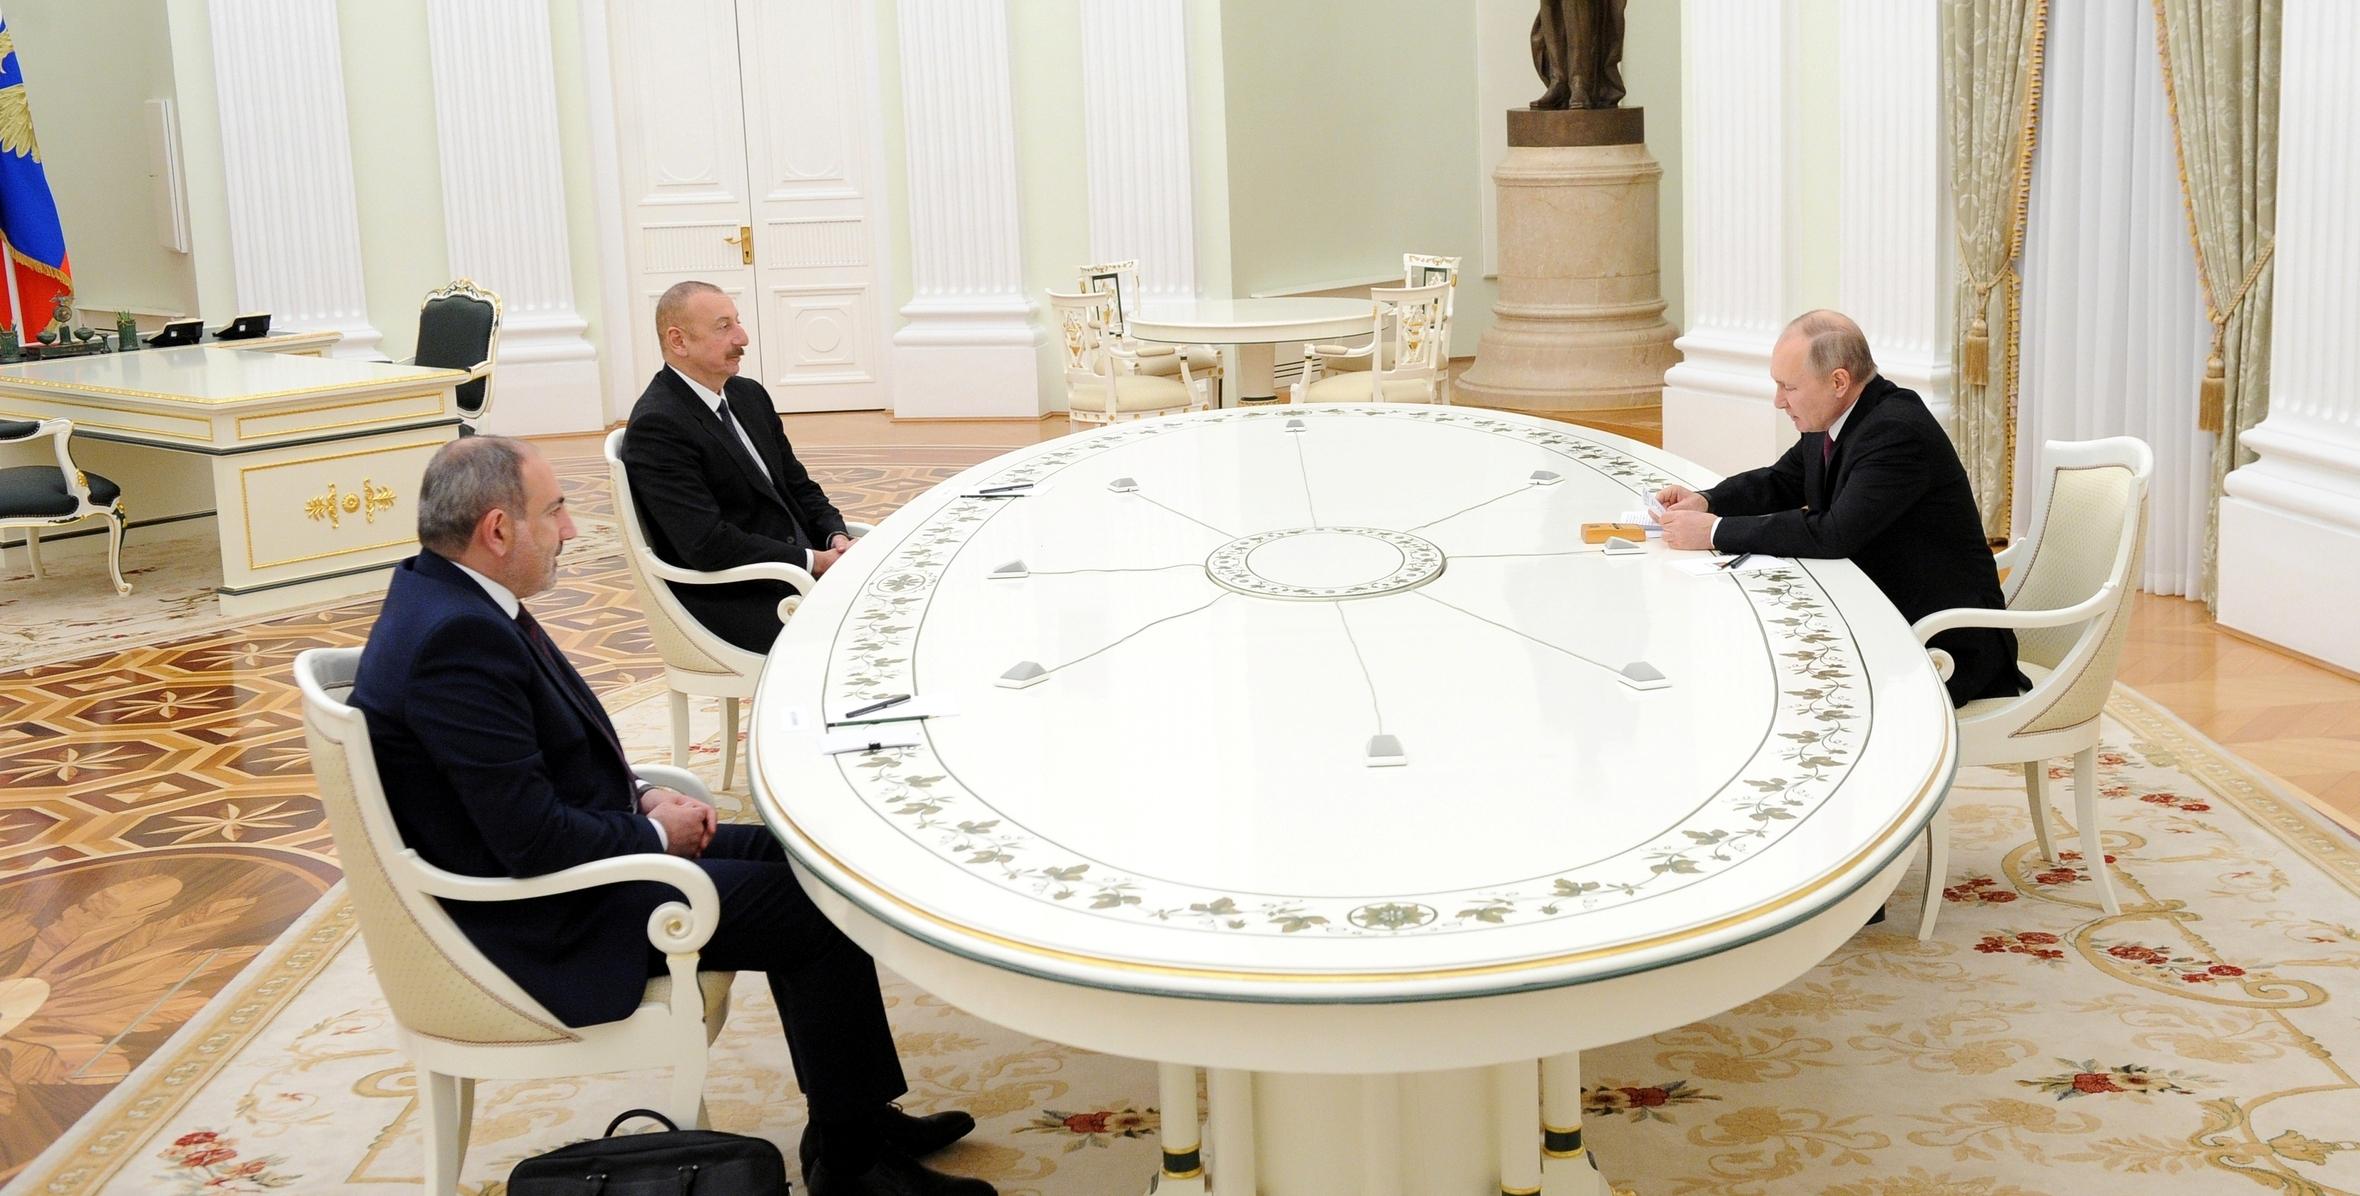 Moskvada Rusiya Prezidenti Vladimir Putin, Azərbaycan Prezidenti İlham Əliyev və Ermənistanın baş naziri Nikol Paşinyan arasında üçtərəfli görüş keçirilib